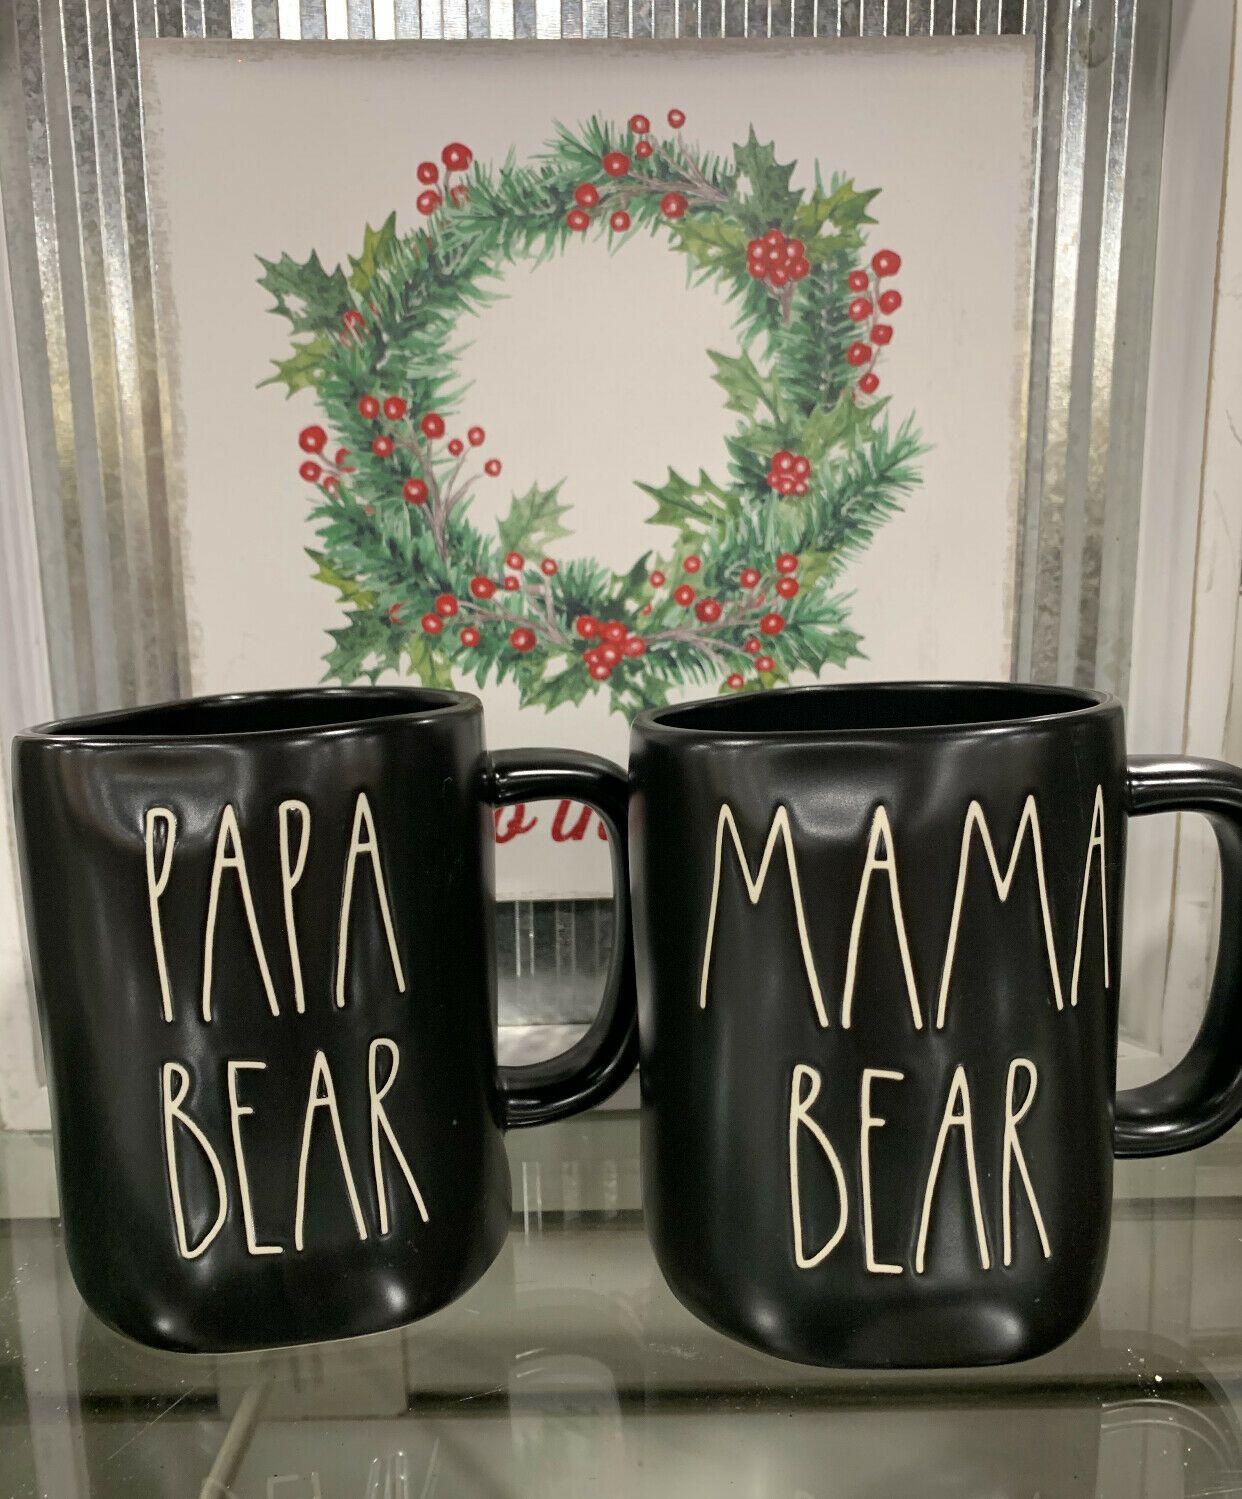 Rae Dunn MAMA BEAR and PAPA BEAR MUG SET  | eBay